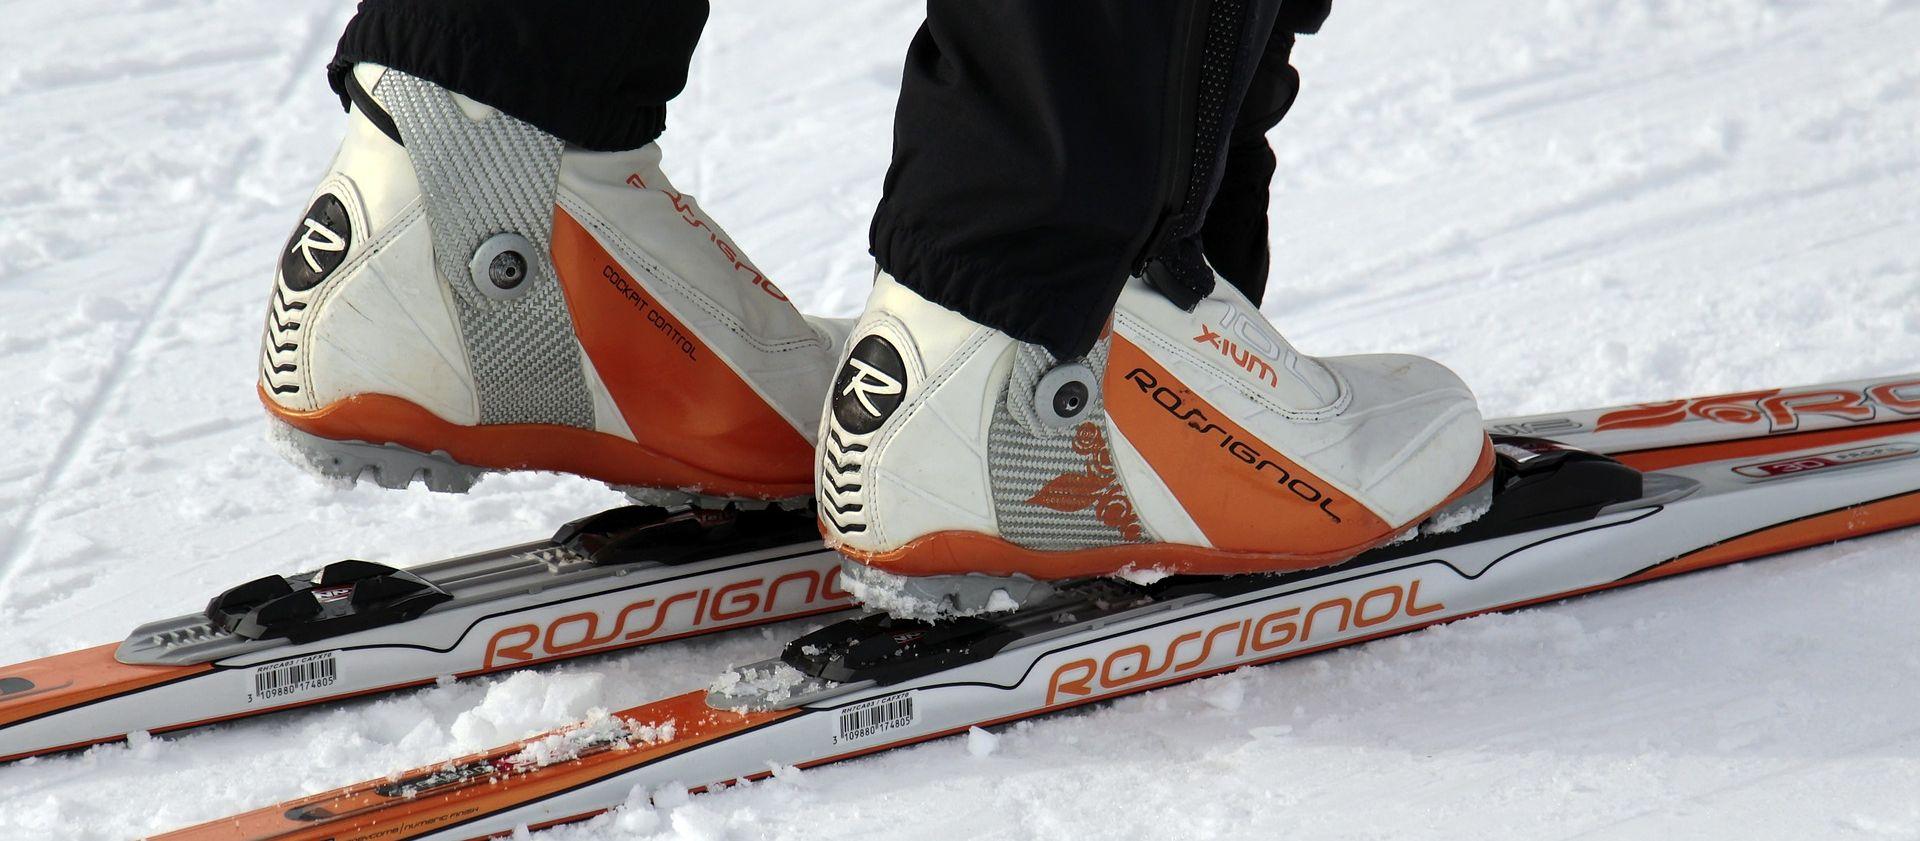 Hrvatskoj četiri olimpijske norme u skijaškom trčanju